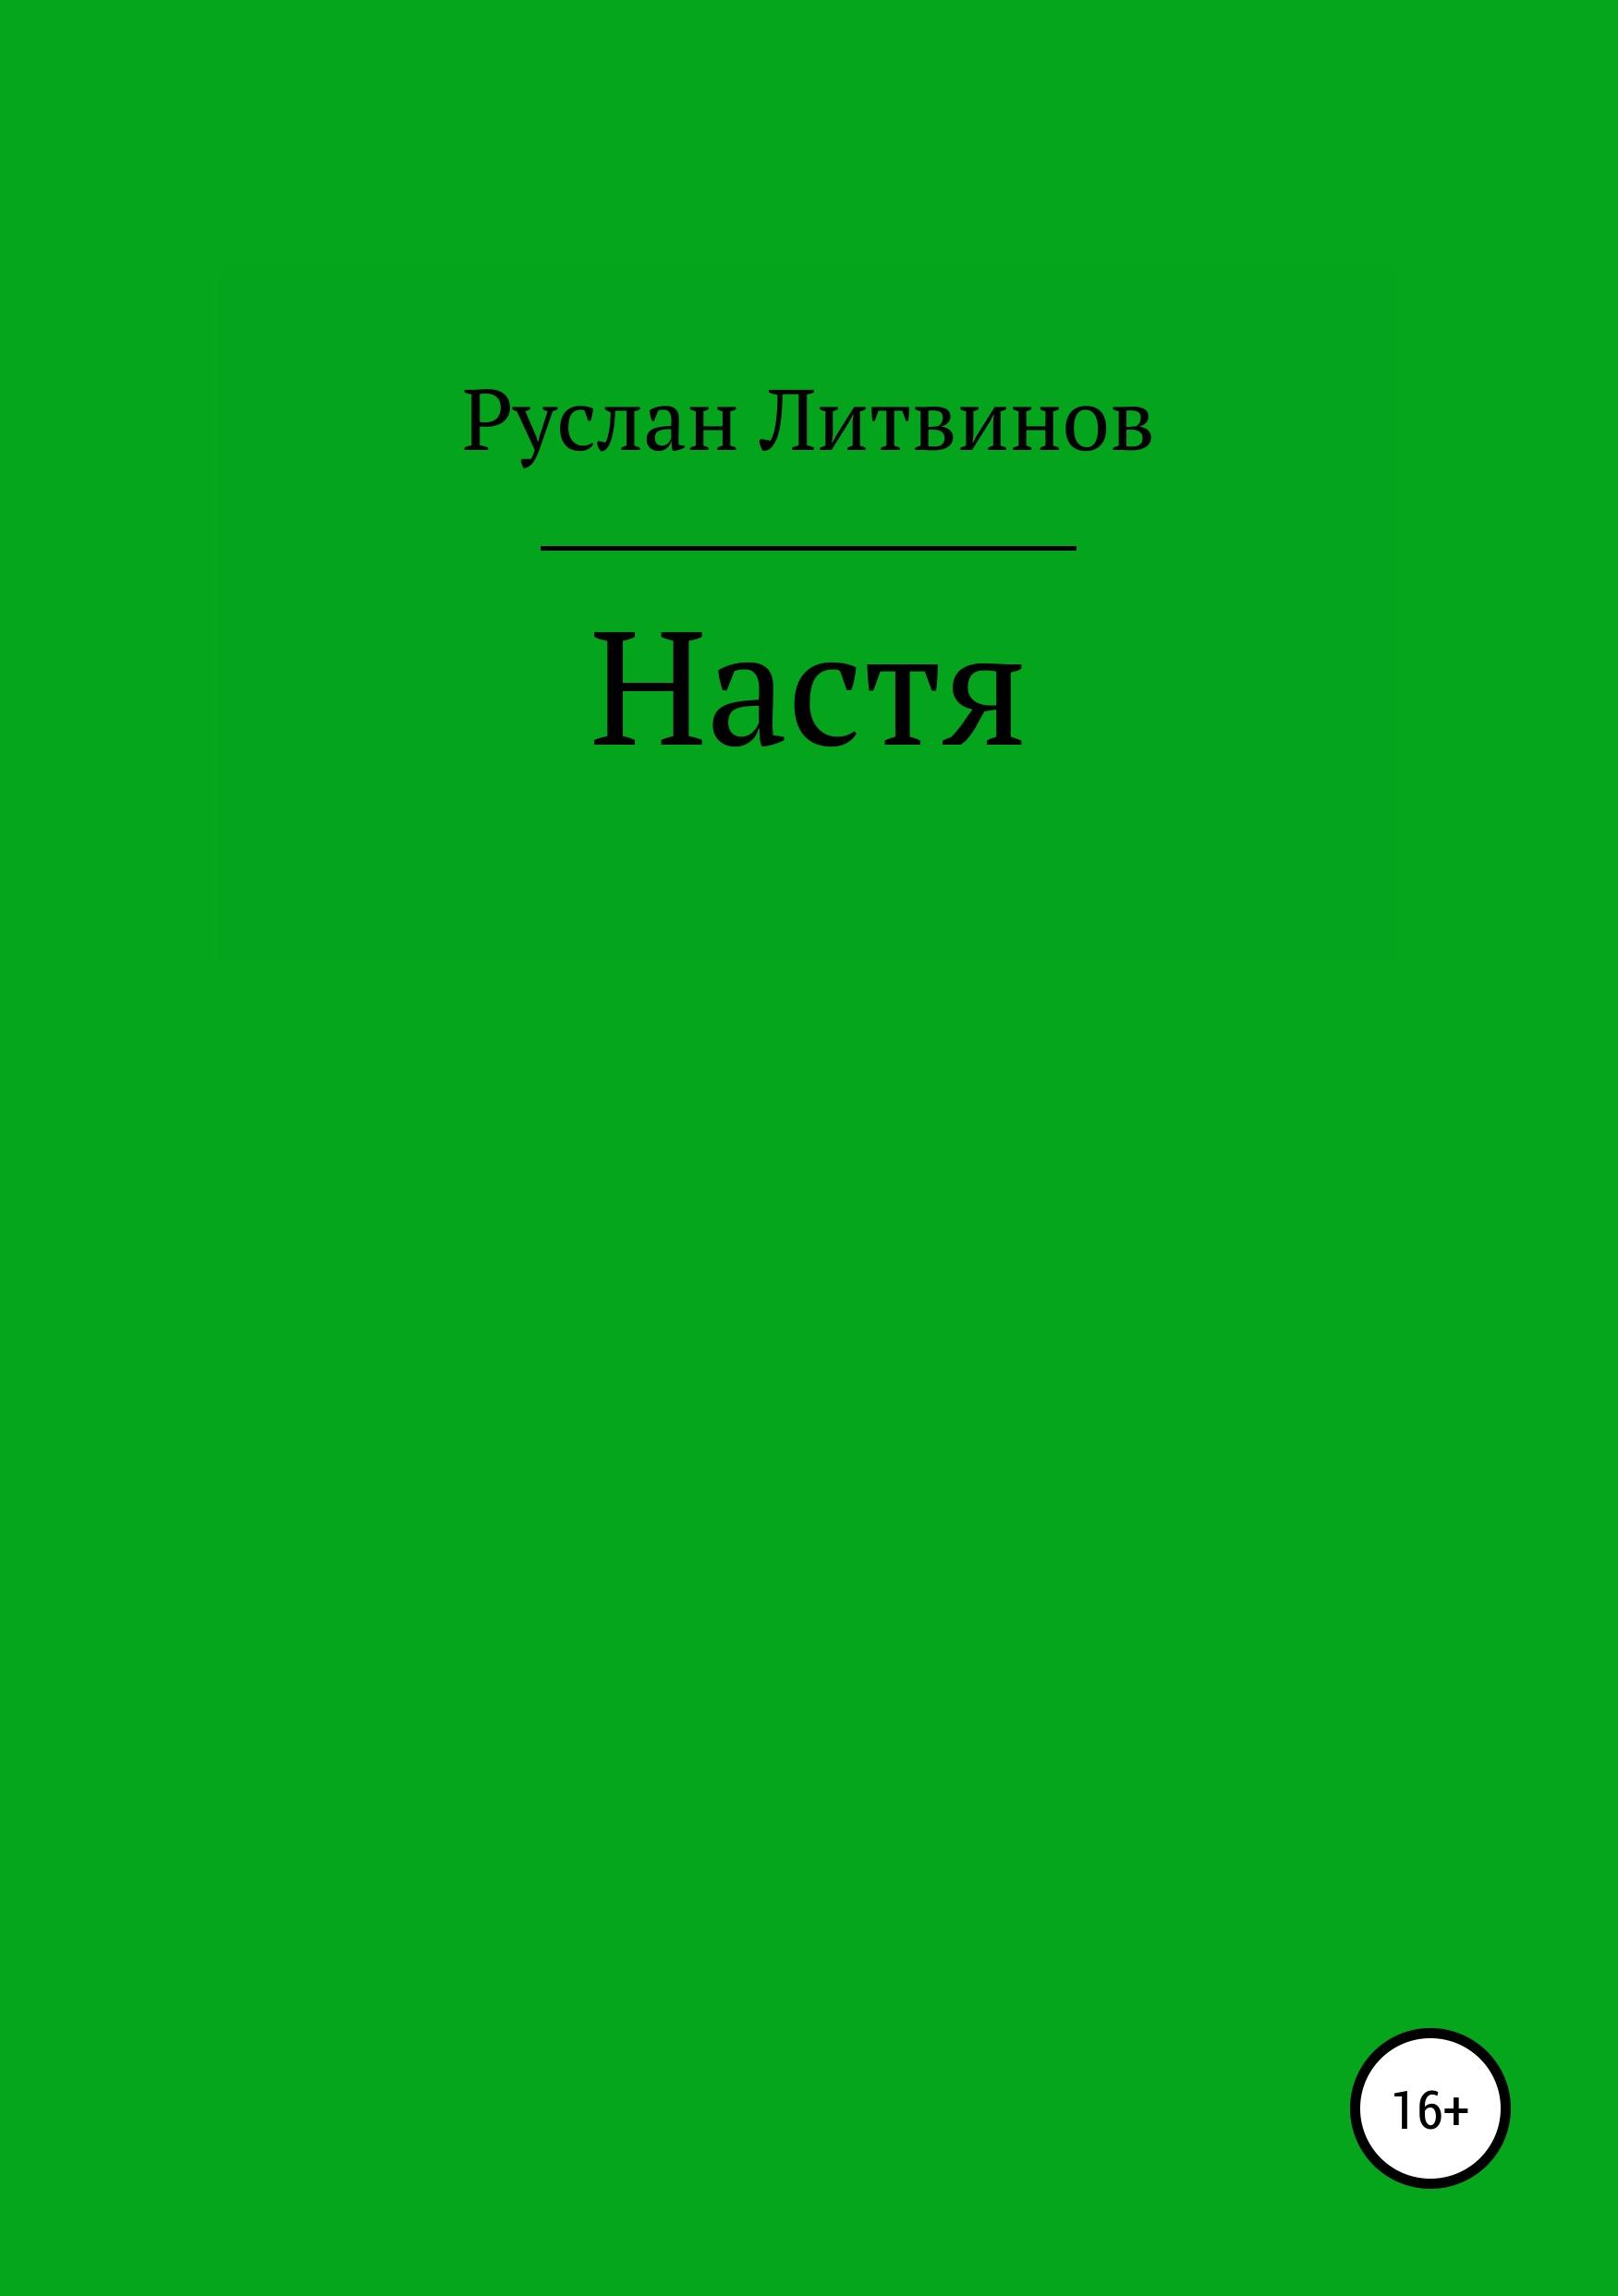 Руслан Литвинов Настя николай шмагин а любовь всегда бывает первой